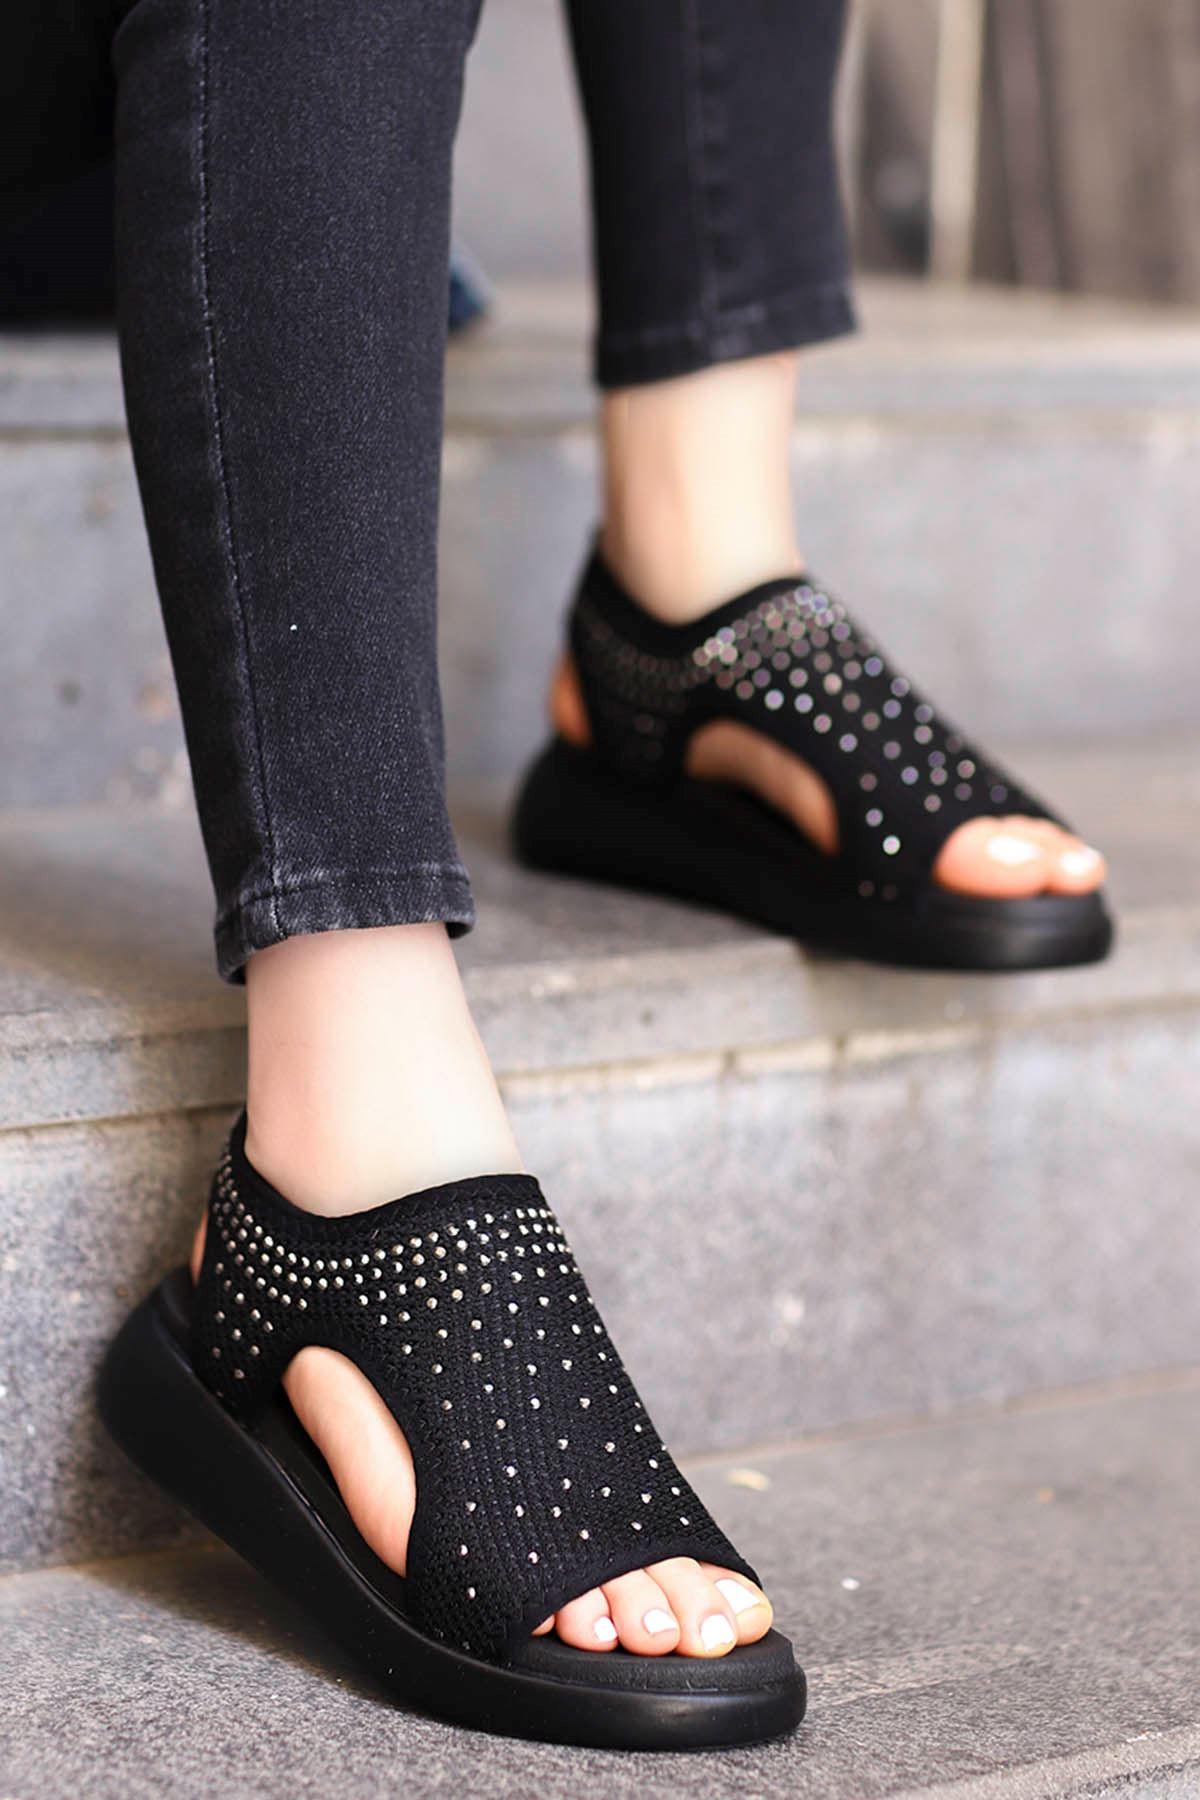 Calli Taşlı Triko Sandalet Siyah